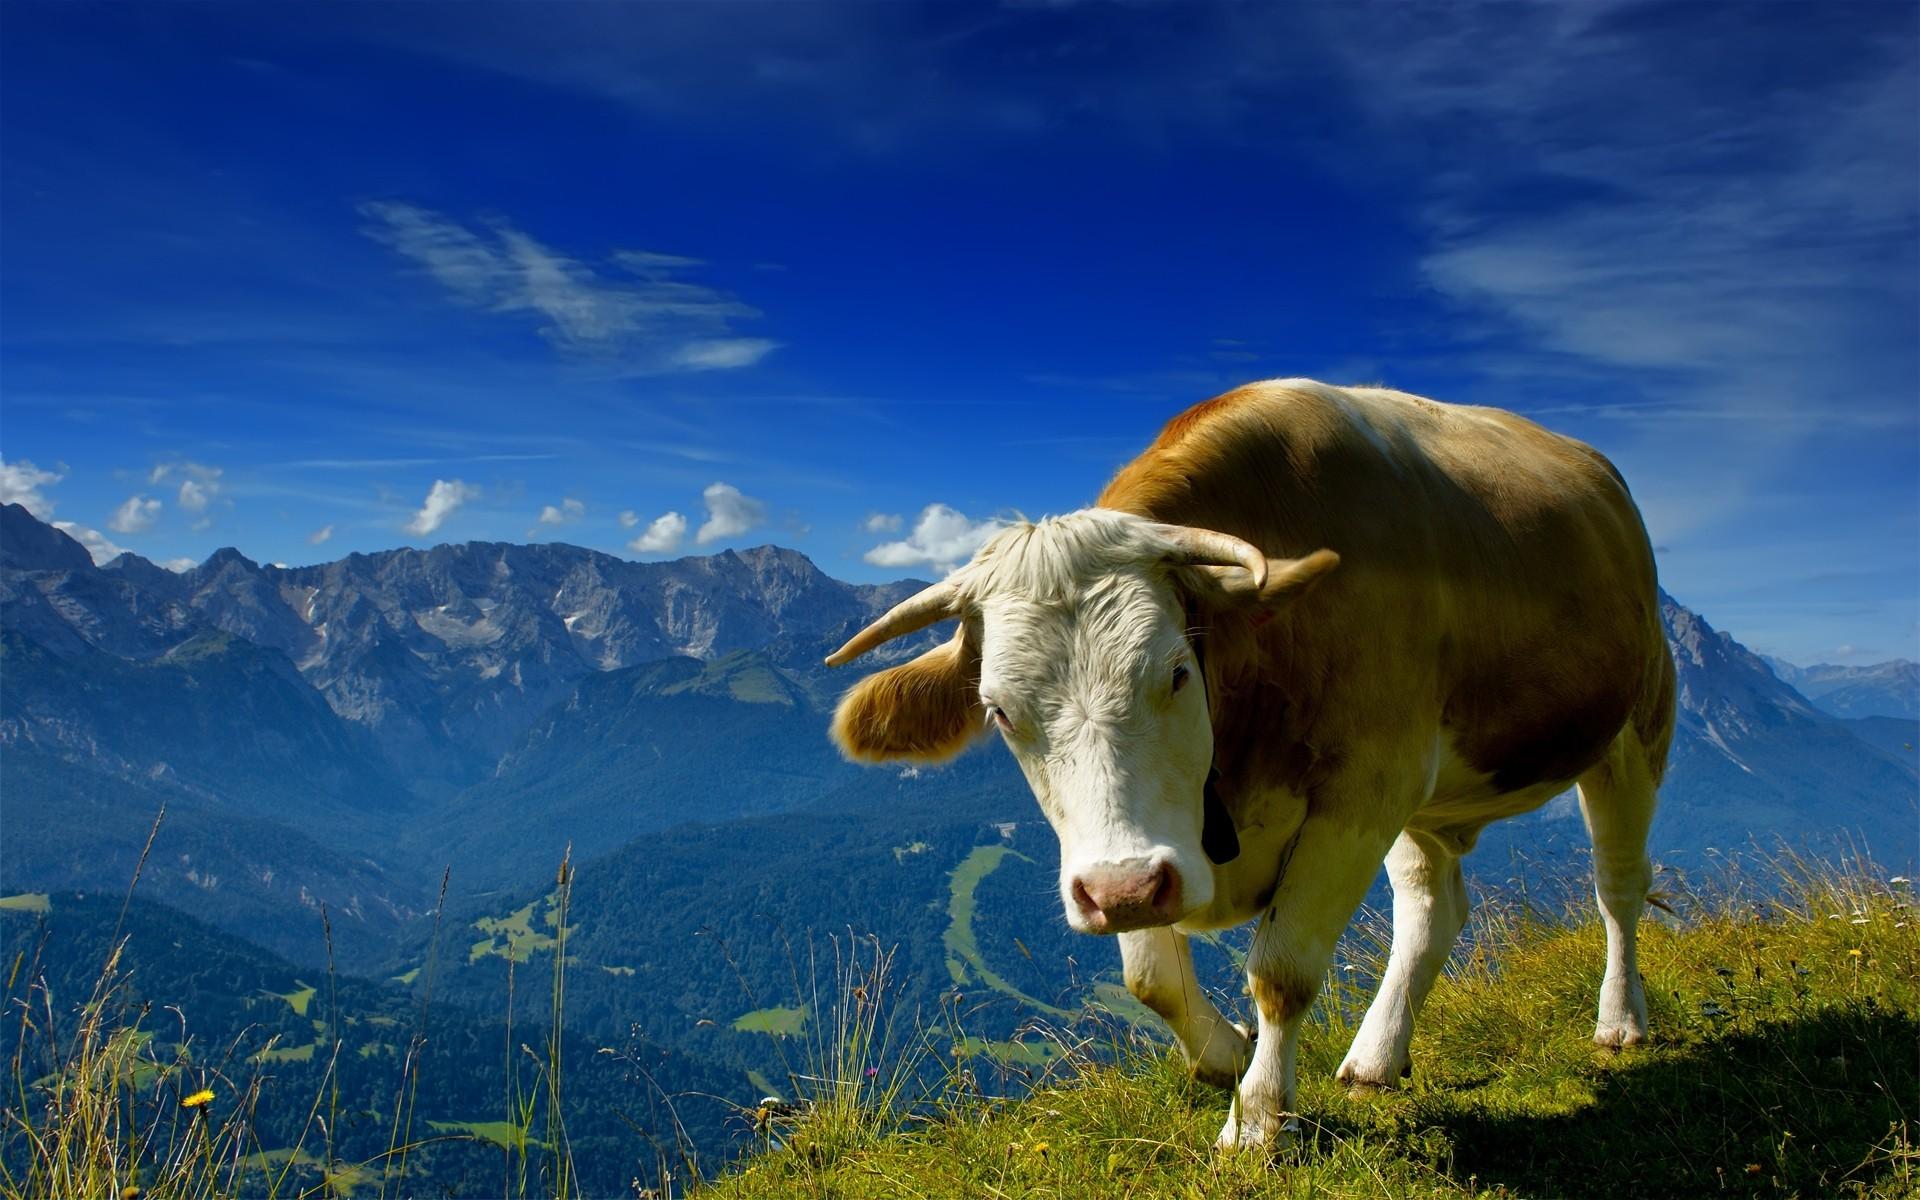 fond d 39 cran paysage montagnes animaux la nature herbe ciel champ vache r gion sauvage. Black Bedroom Furniture Sets. Home Design Ideas